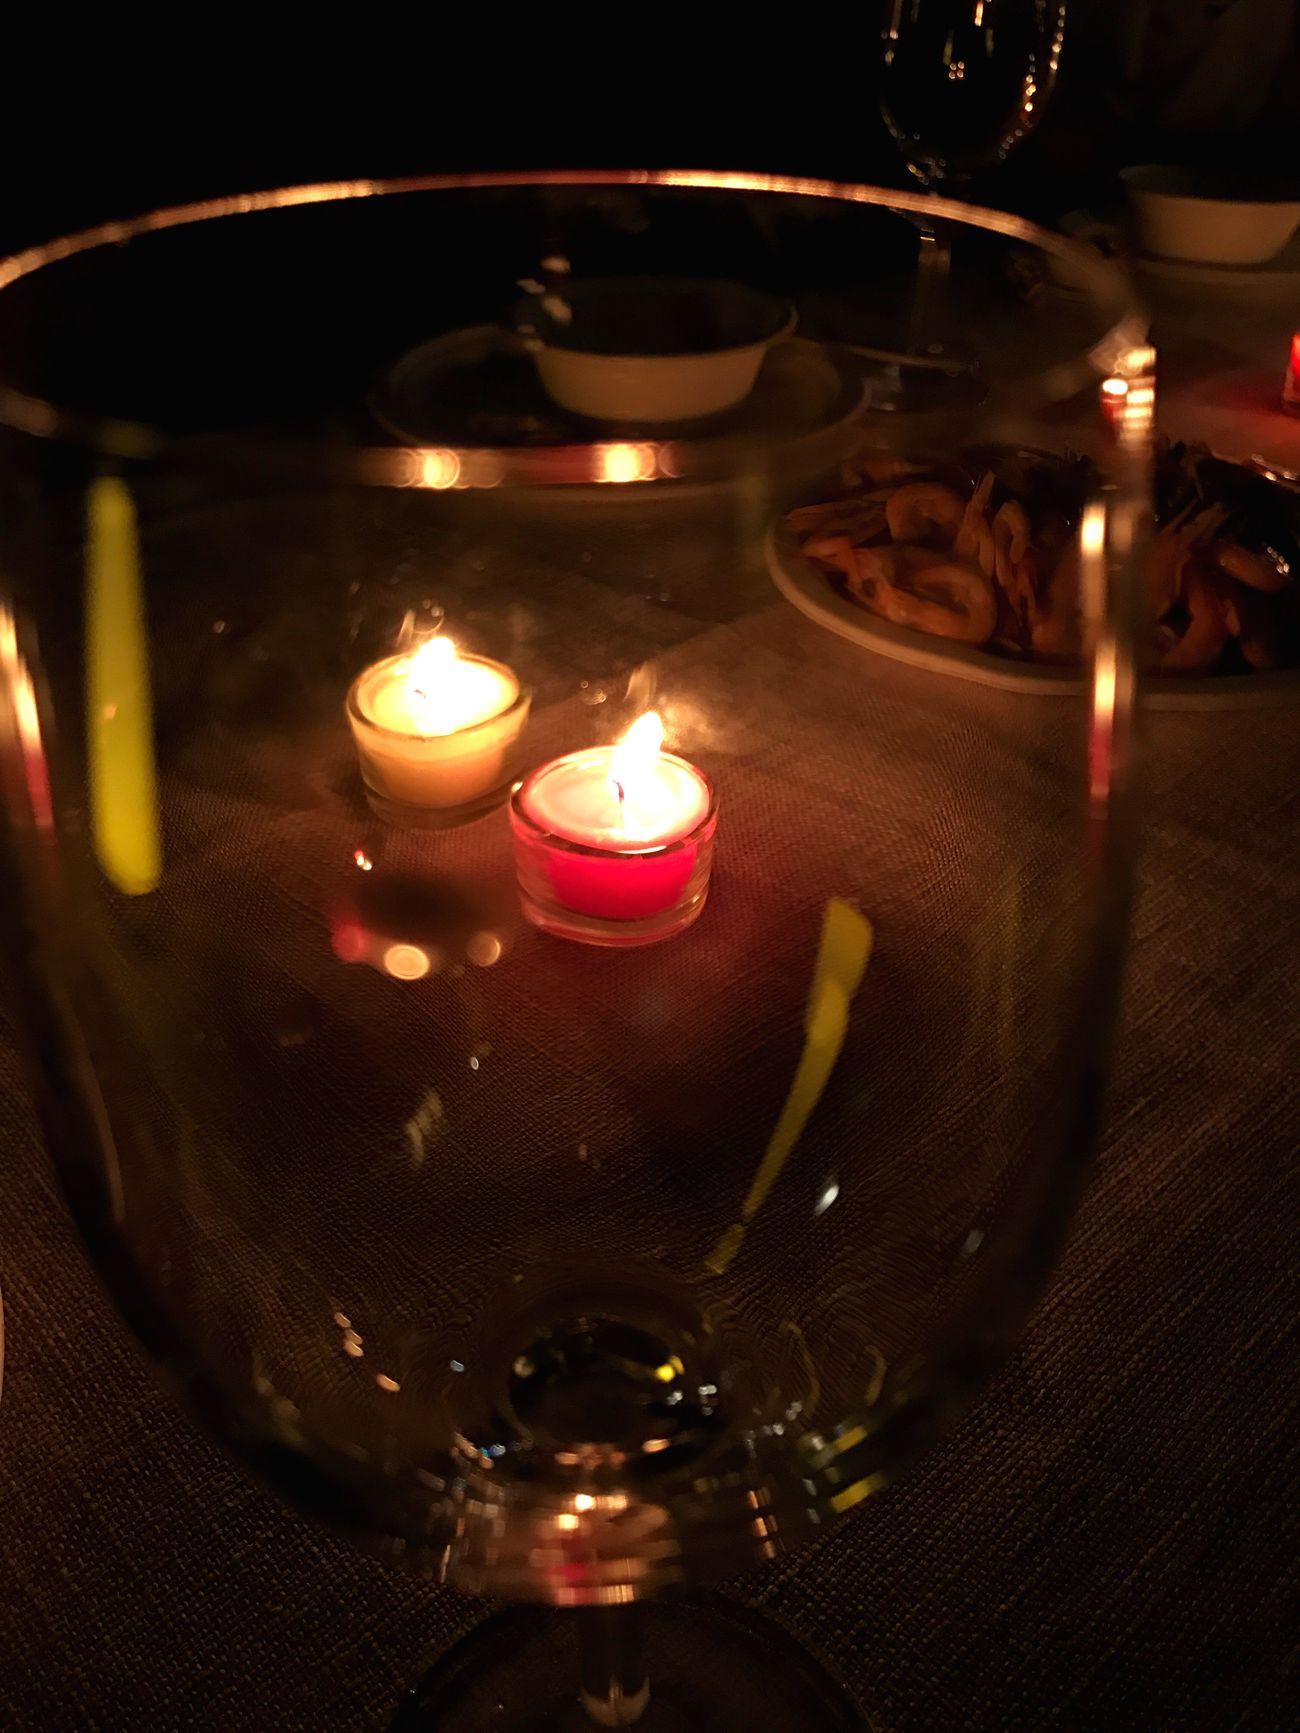 物 Burning Flame Candle Illuminated Heat - Temperature Tea Light Celebration Indoors  Diya - Oil Lamp Oil Lamp Lit Night No People Close-up Diwali BEIJING北京CHINA中国BEAUTY